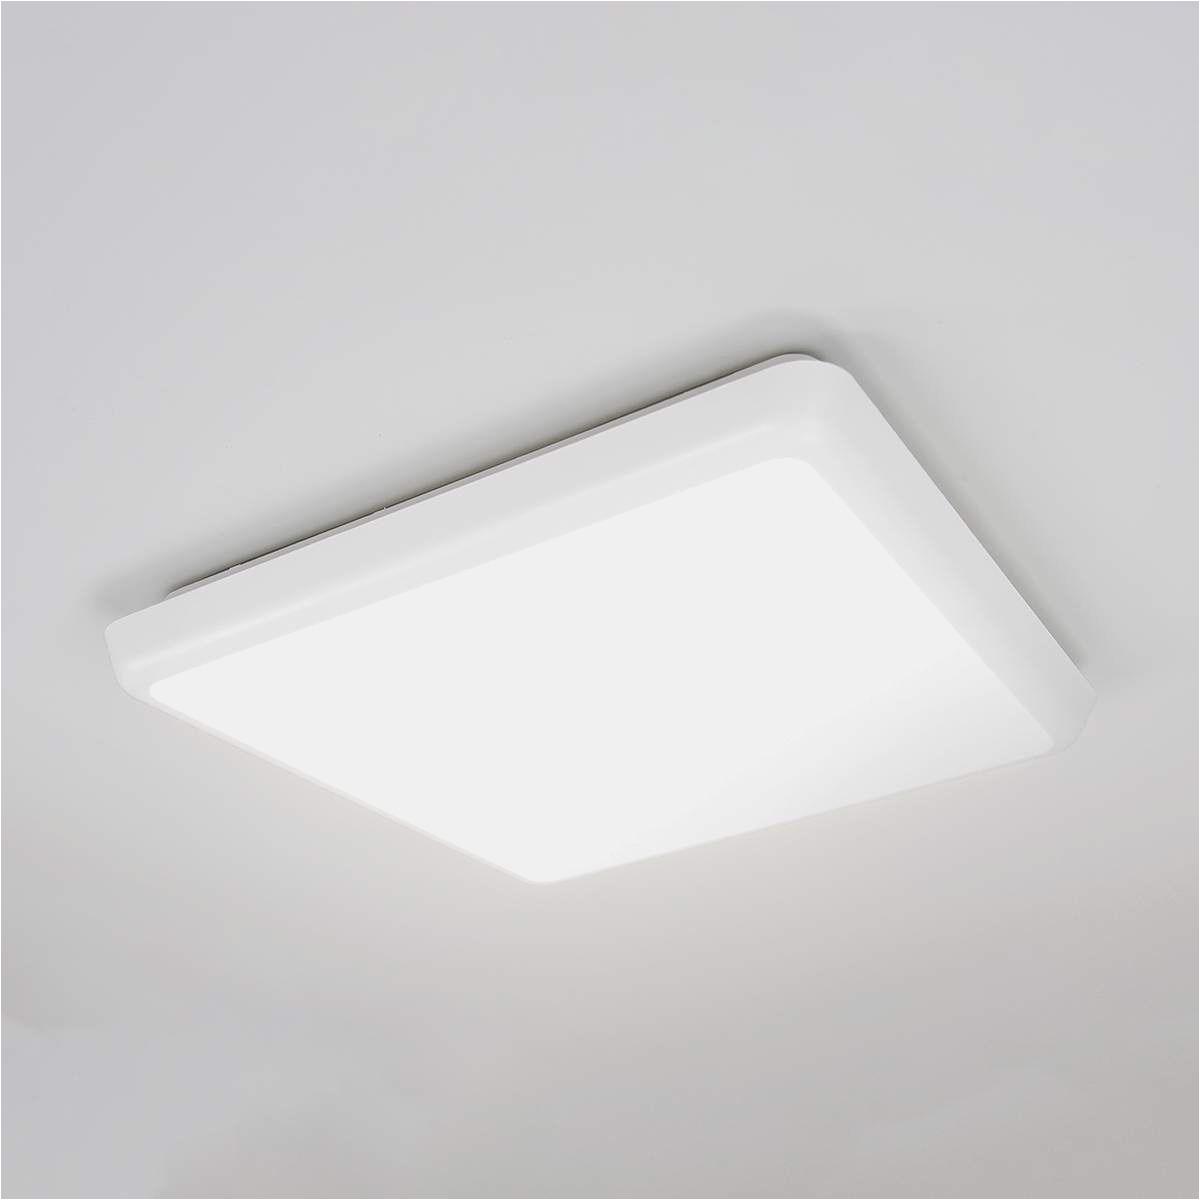 Badezimmer Lampe Bewegungsmelder Deckenleuchte Für Badezimmer Aukin